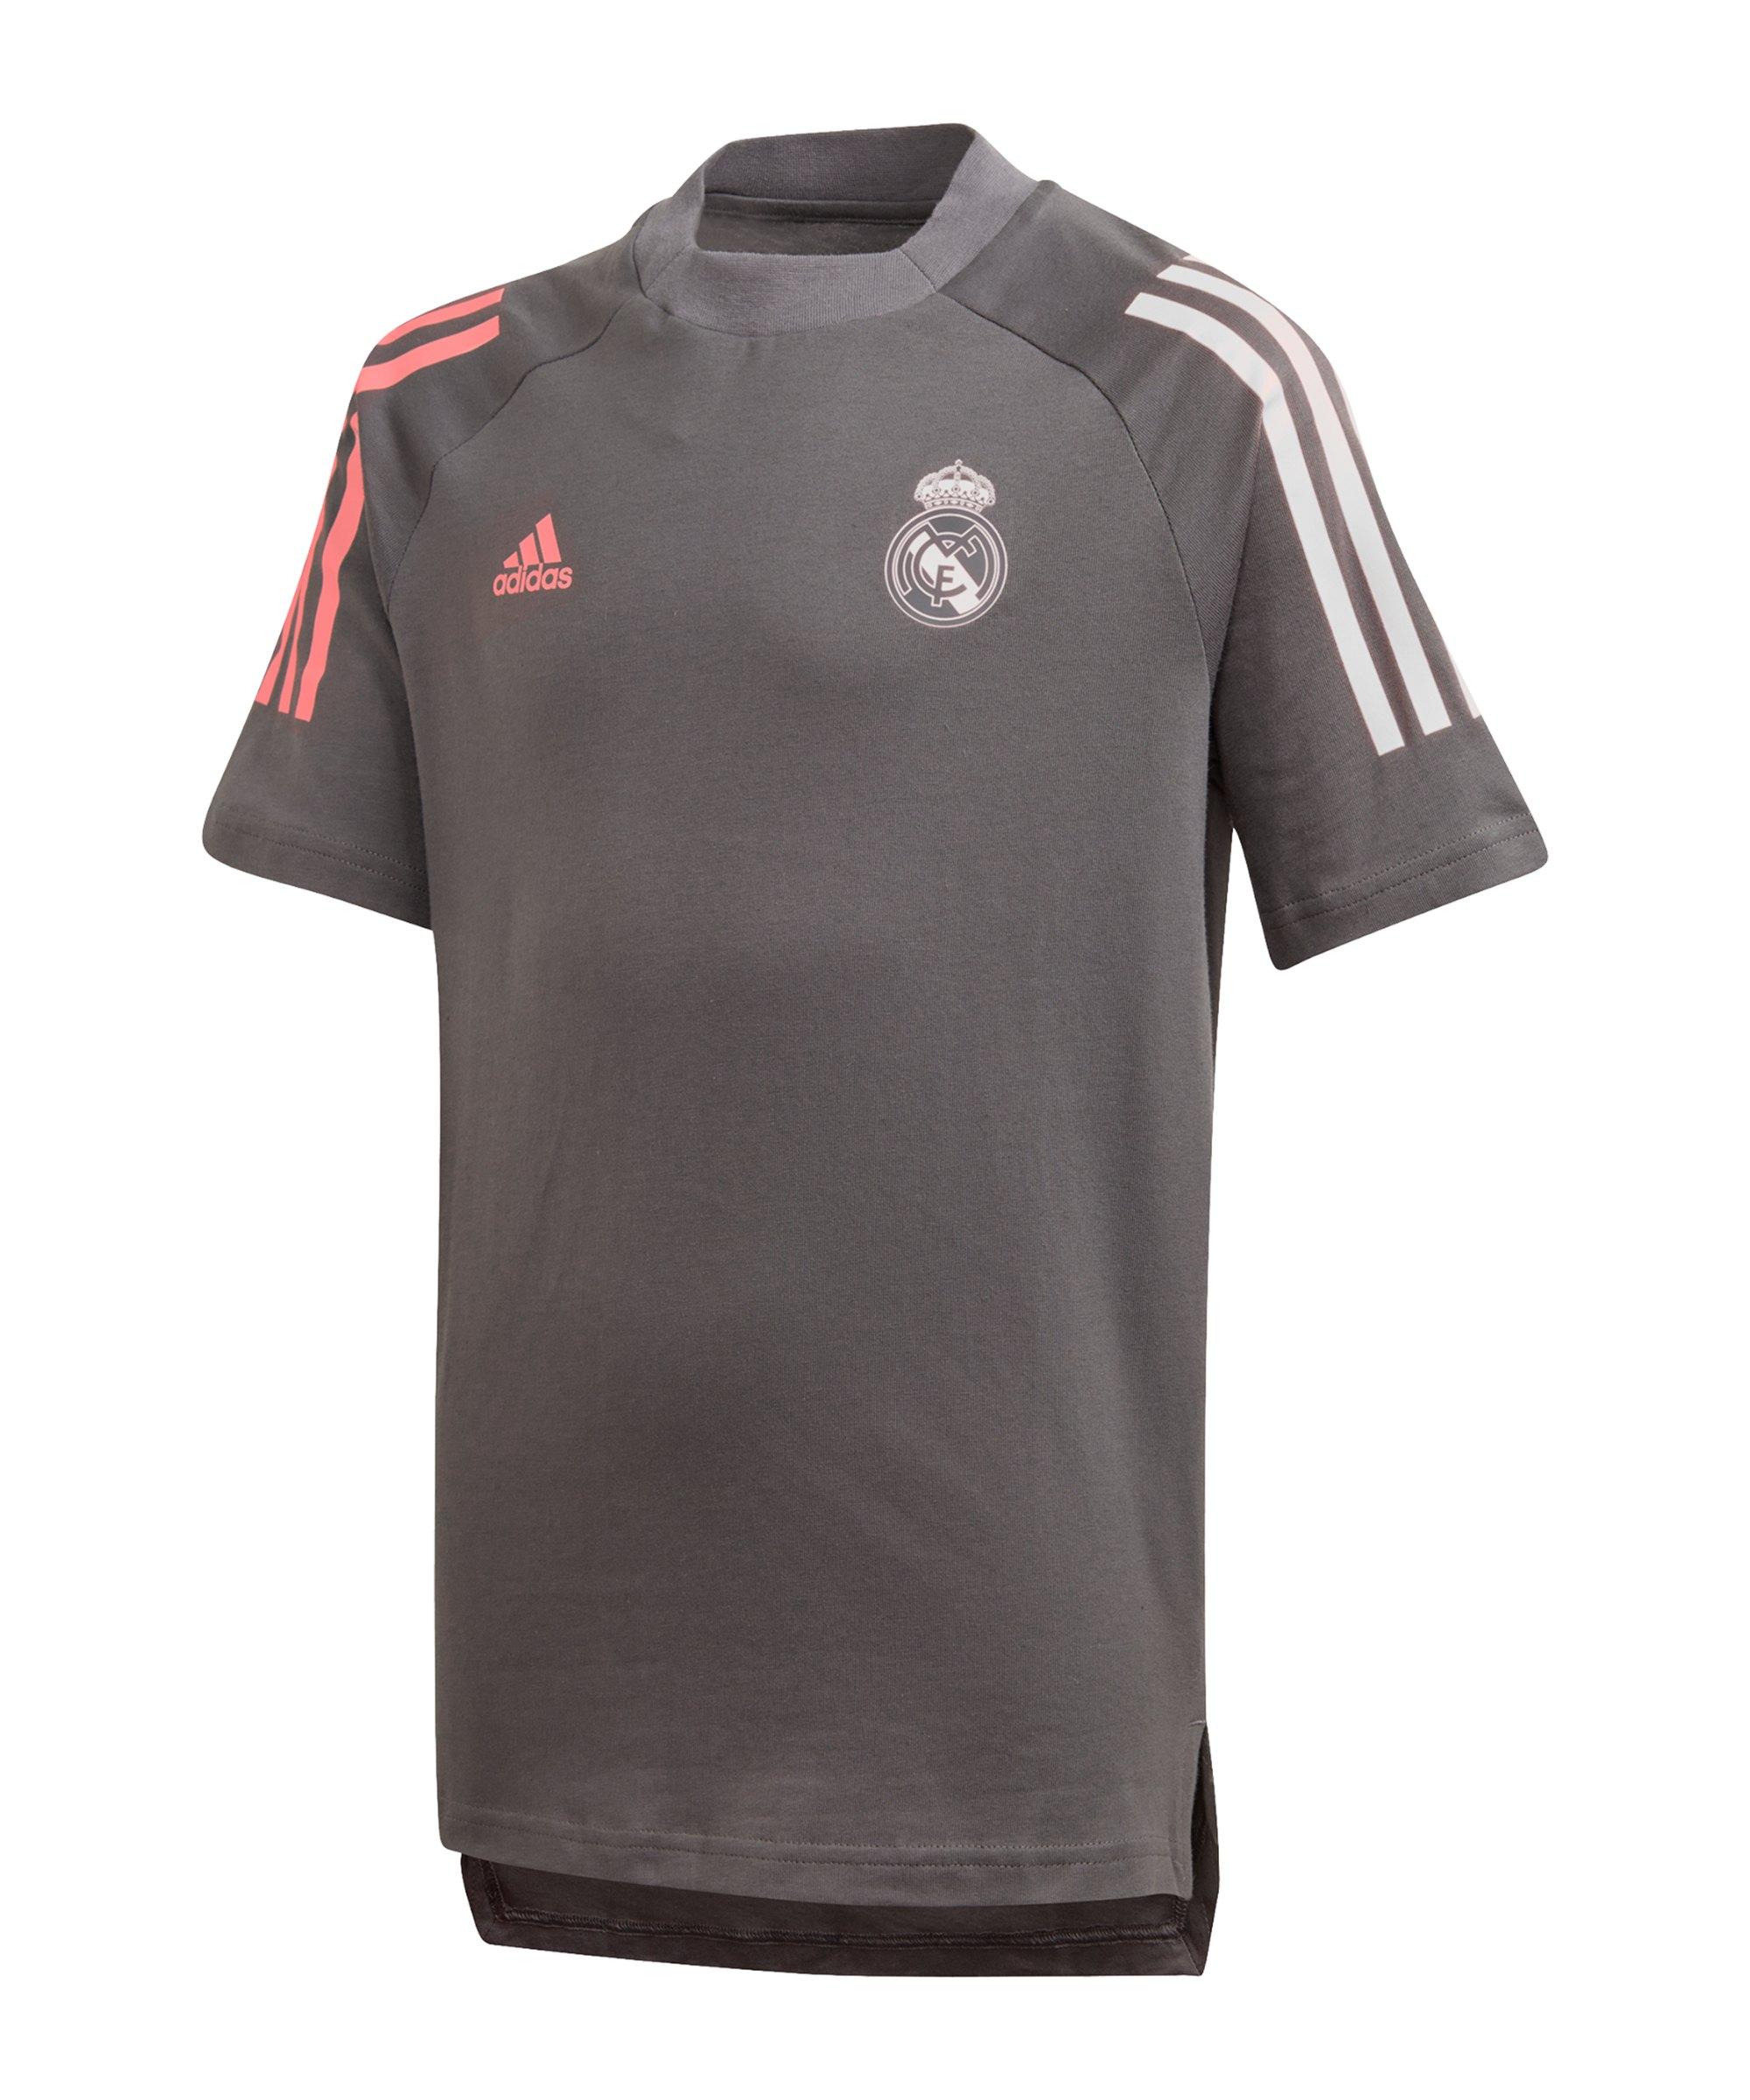 adidas Real Madrid T-Shirt Kids Grau - grau